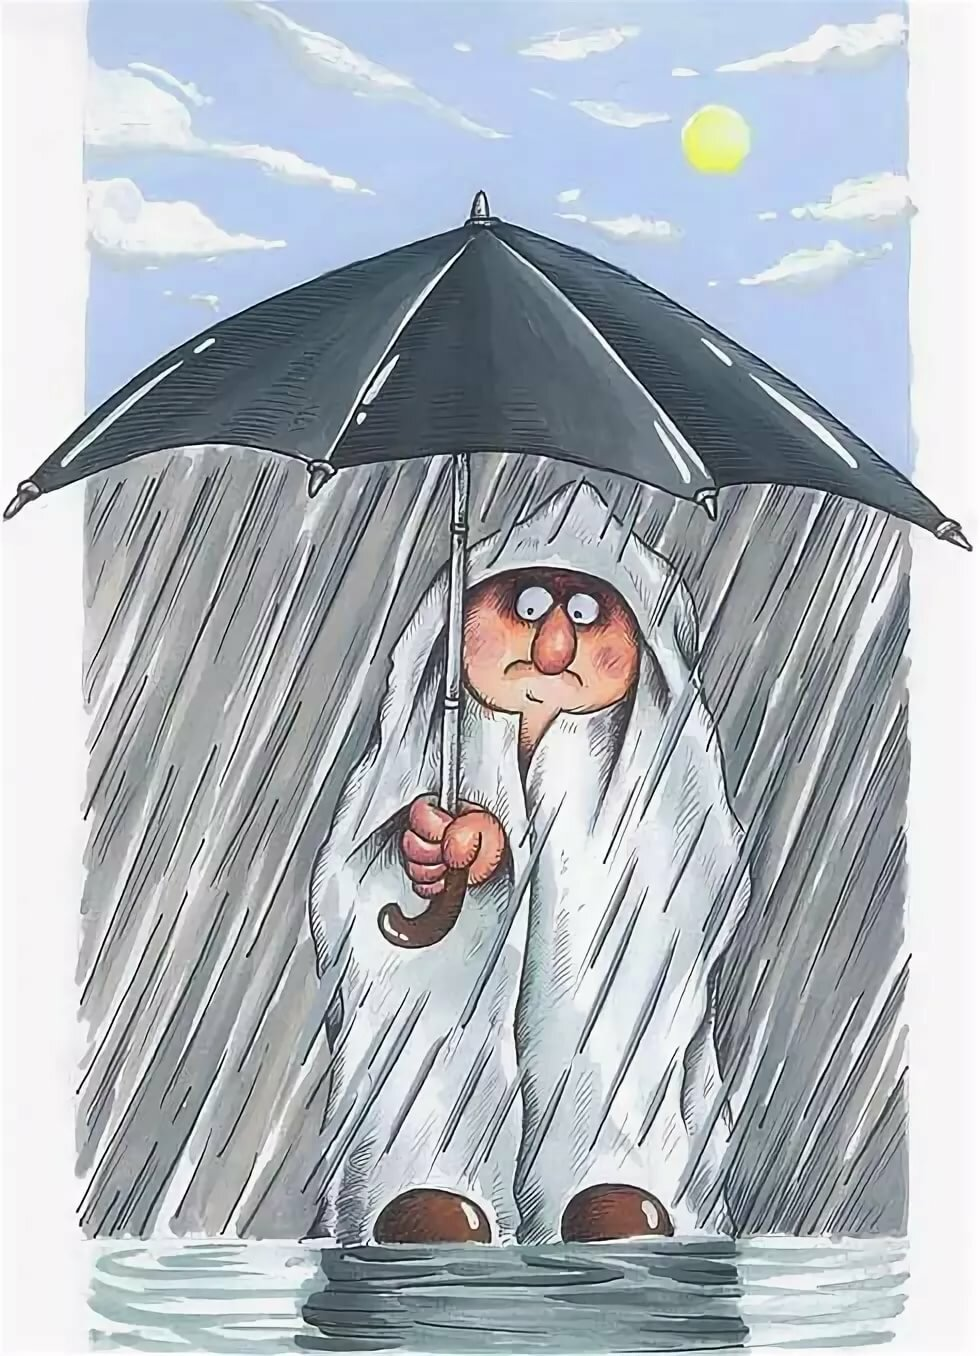 Любимому, картинки мне холодно и дождь